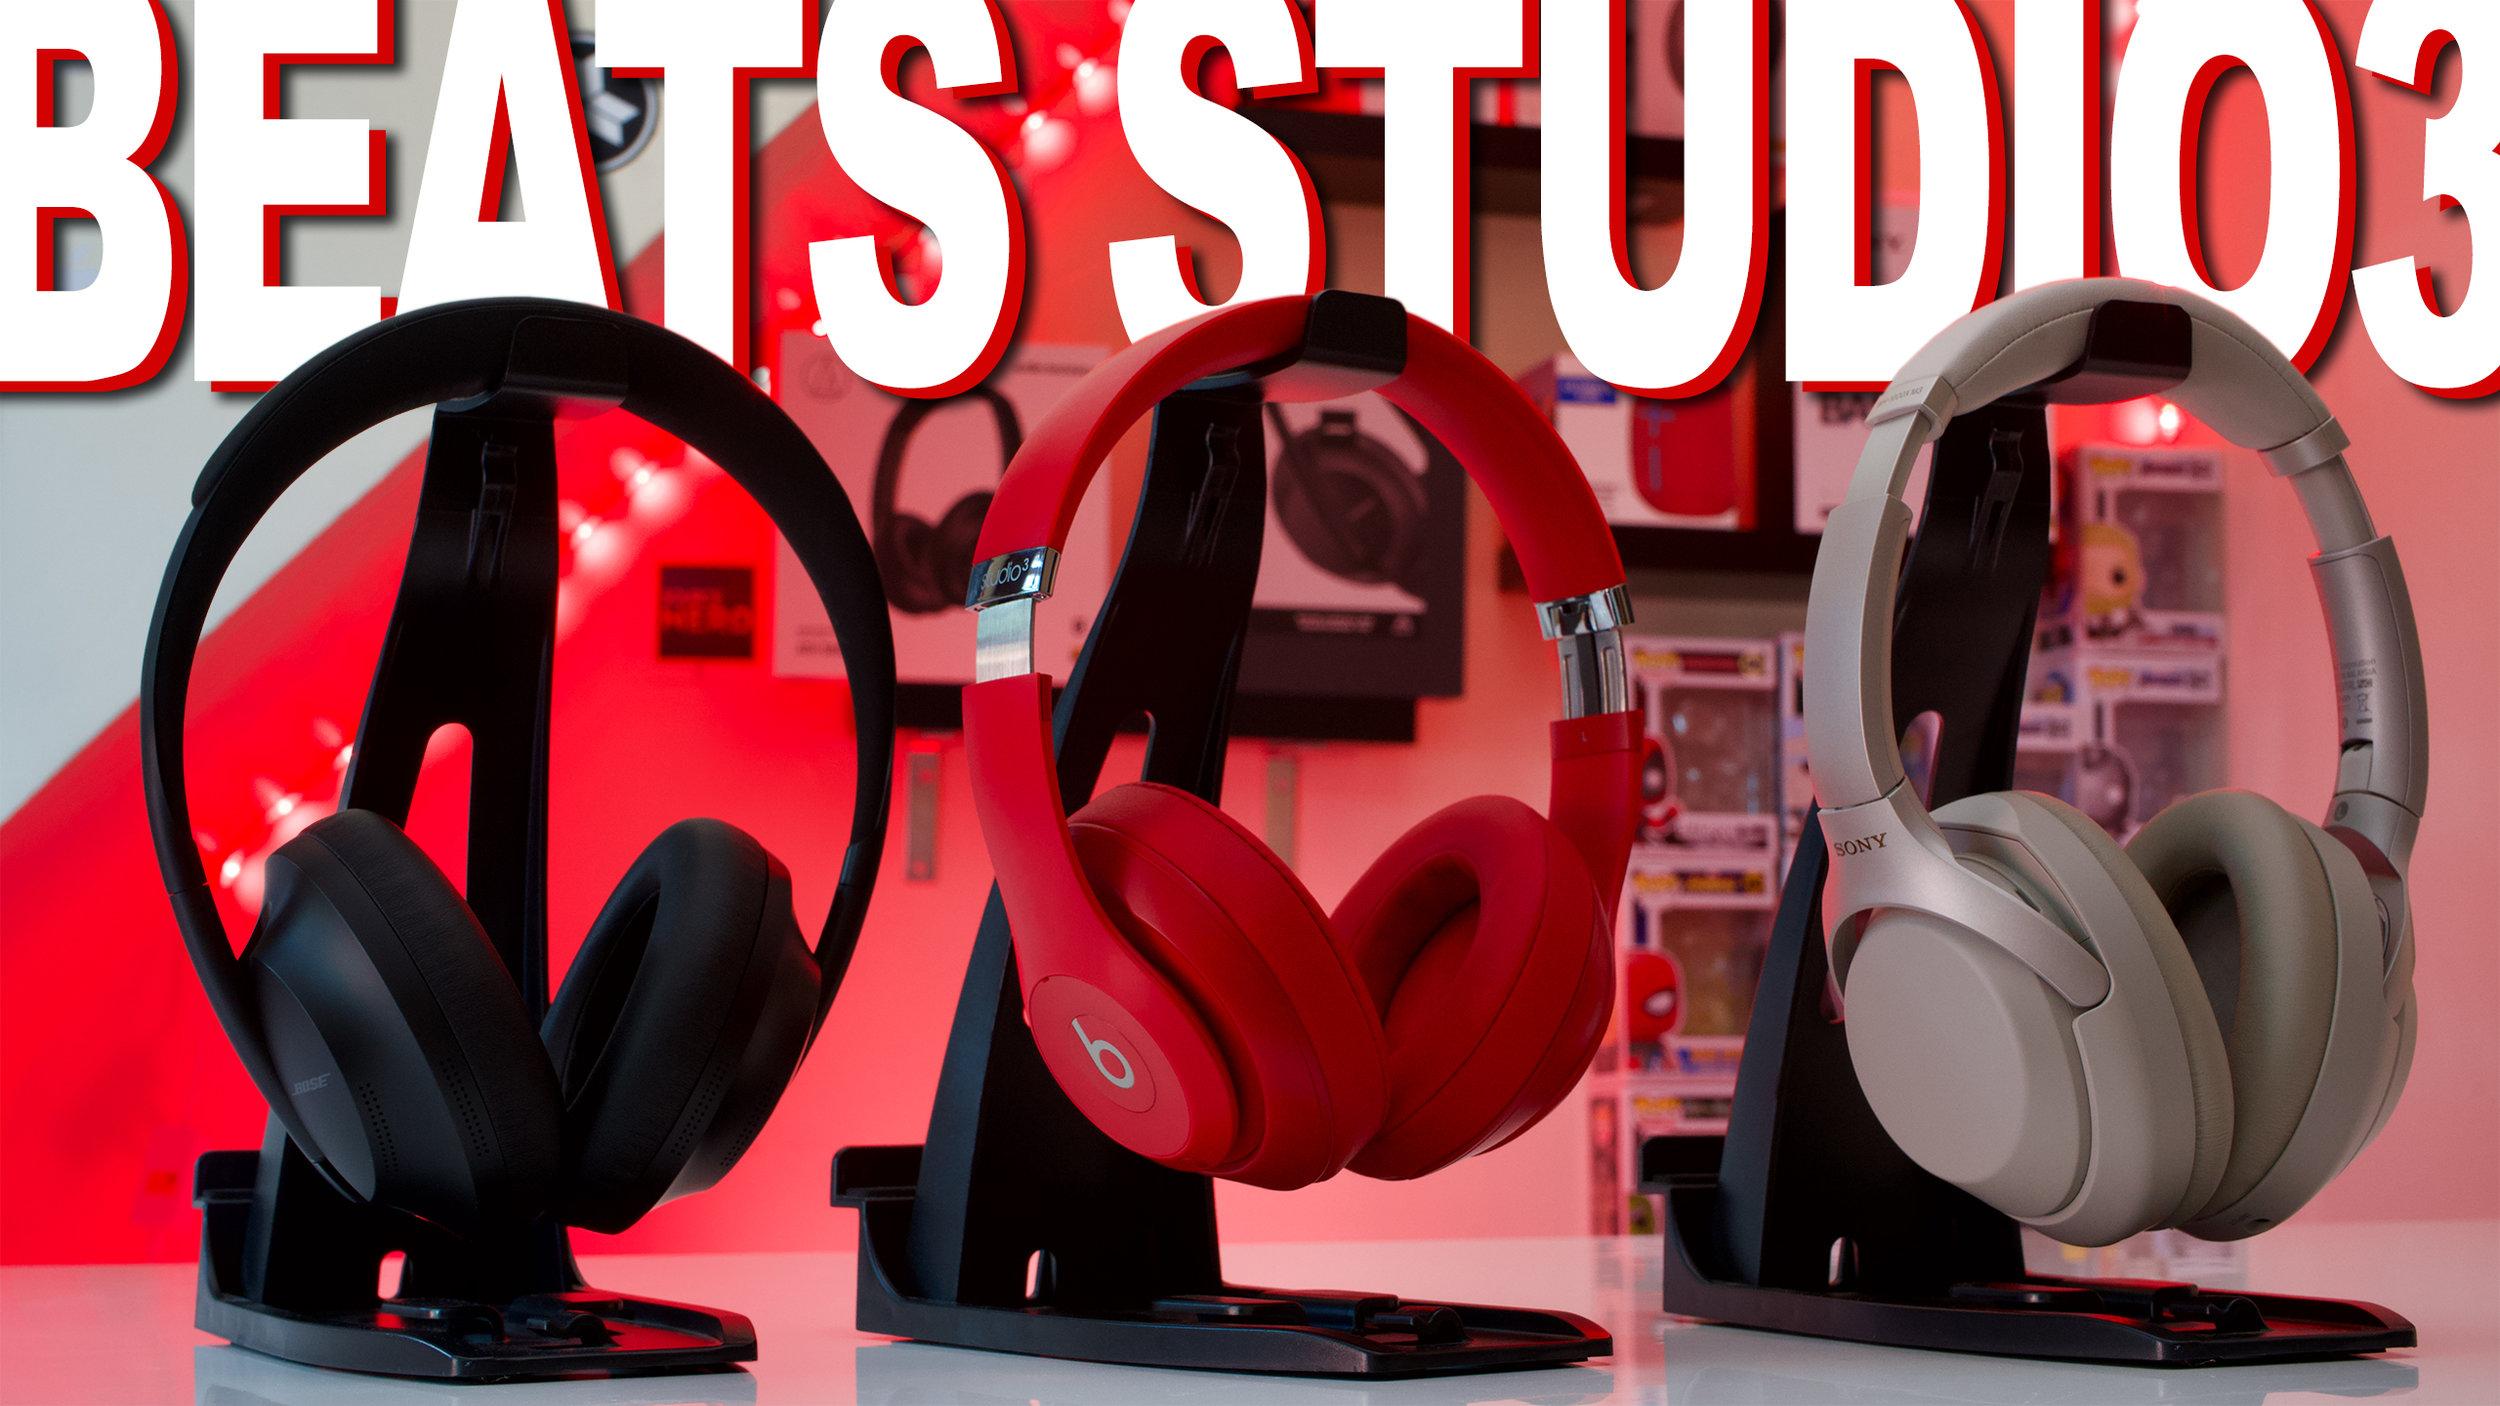 Beats Studio 3 In 2019 - Beats Studio 4 Coming Soon? — GYMCADDY